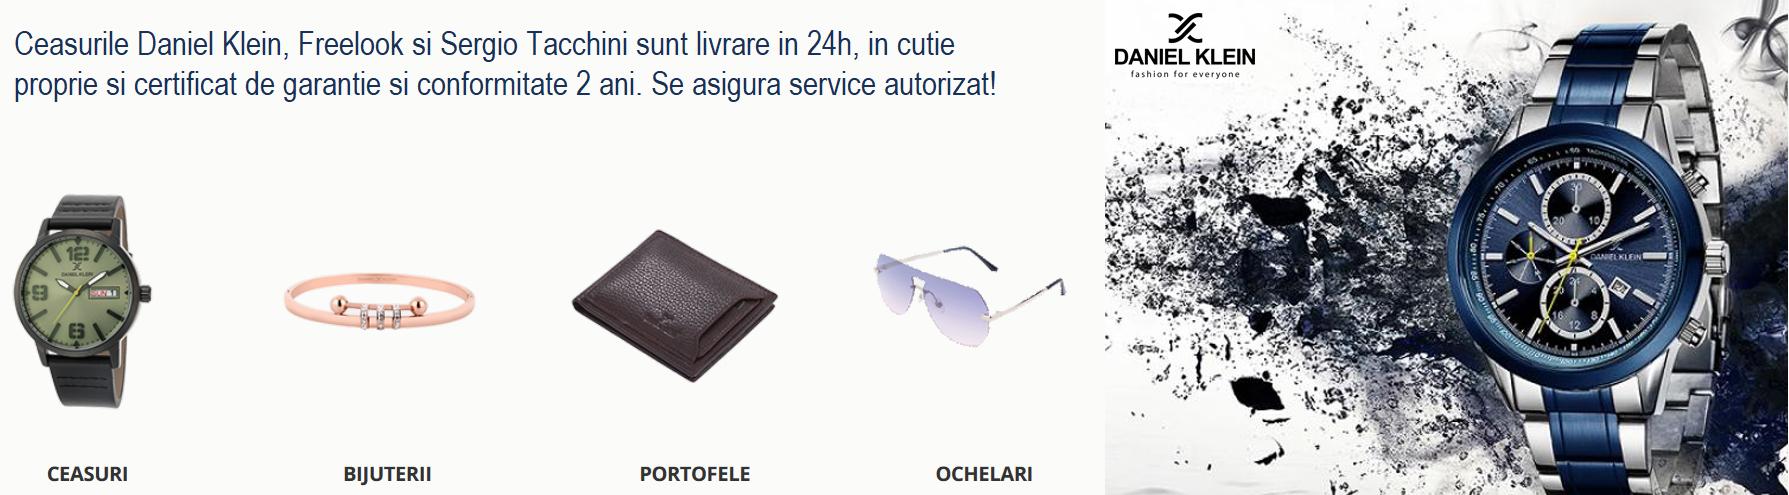 Ceasurile Daniel Klein,  Freelook si  Sergio Tacchini   sunt livrare in 24h, in cutie proprie si certificat de garantie si conformitate 2 ani.  Se asigura service autorizat!